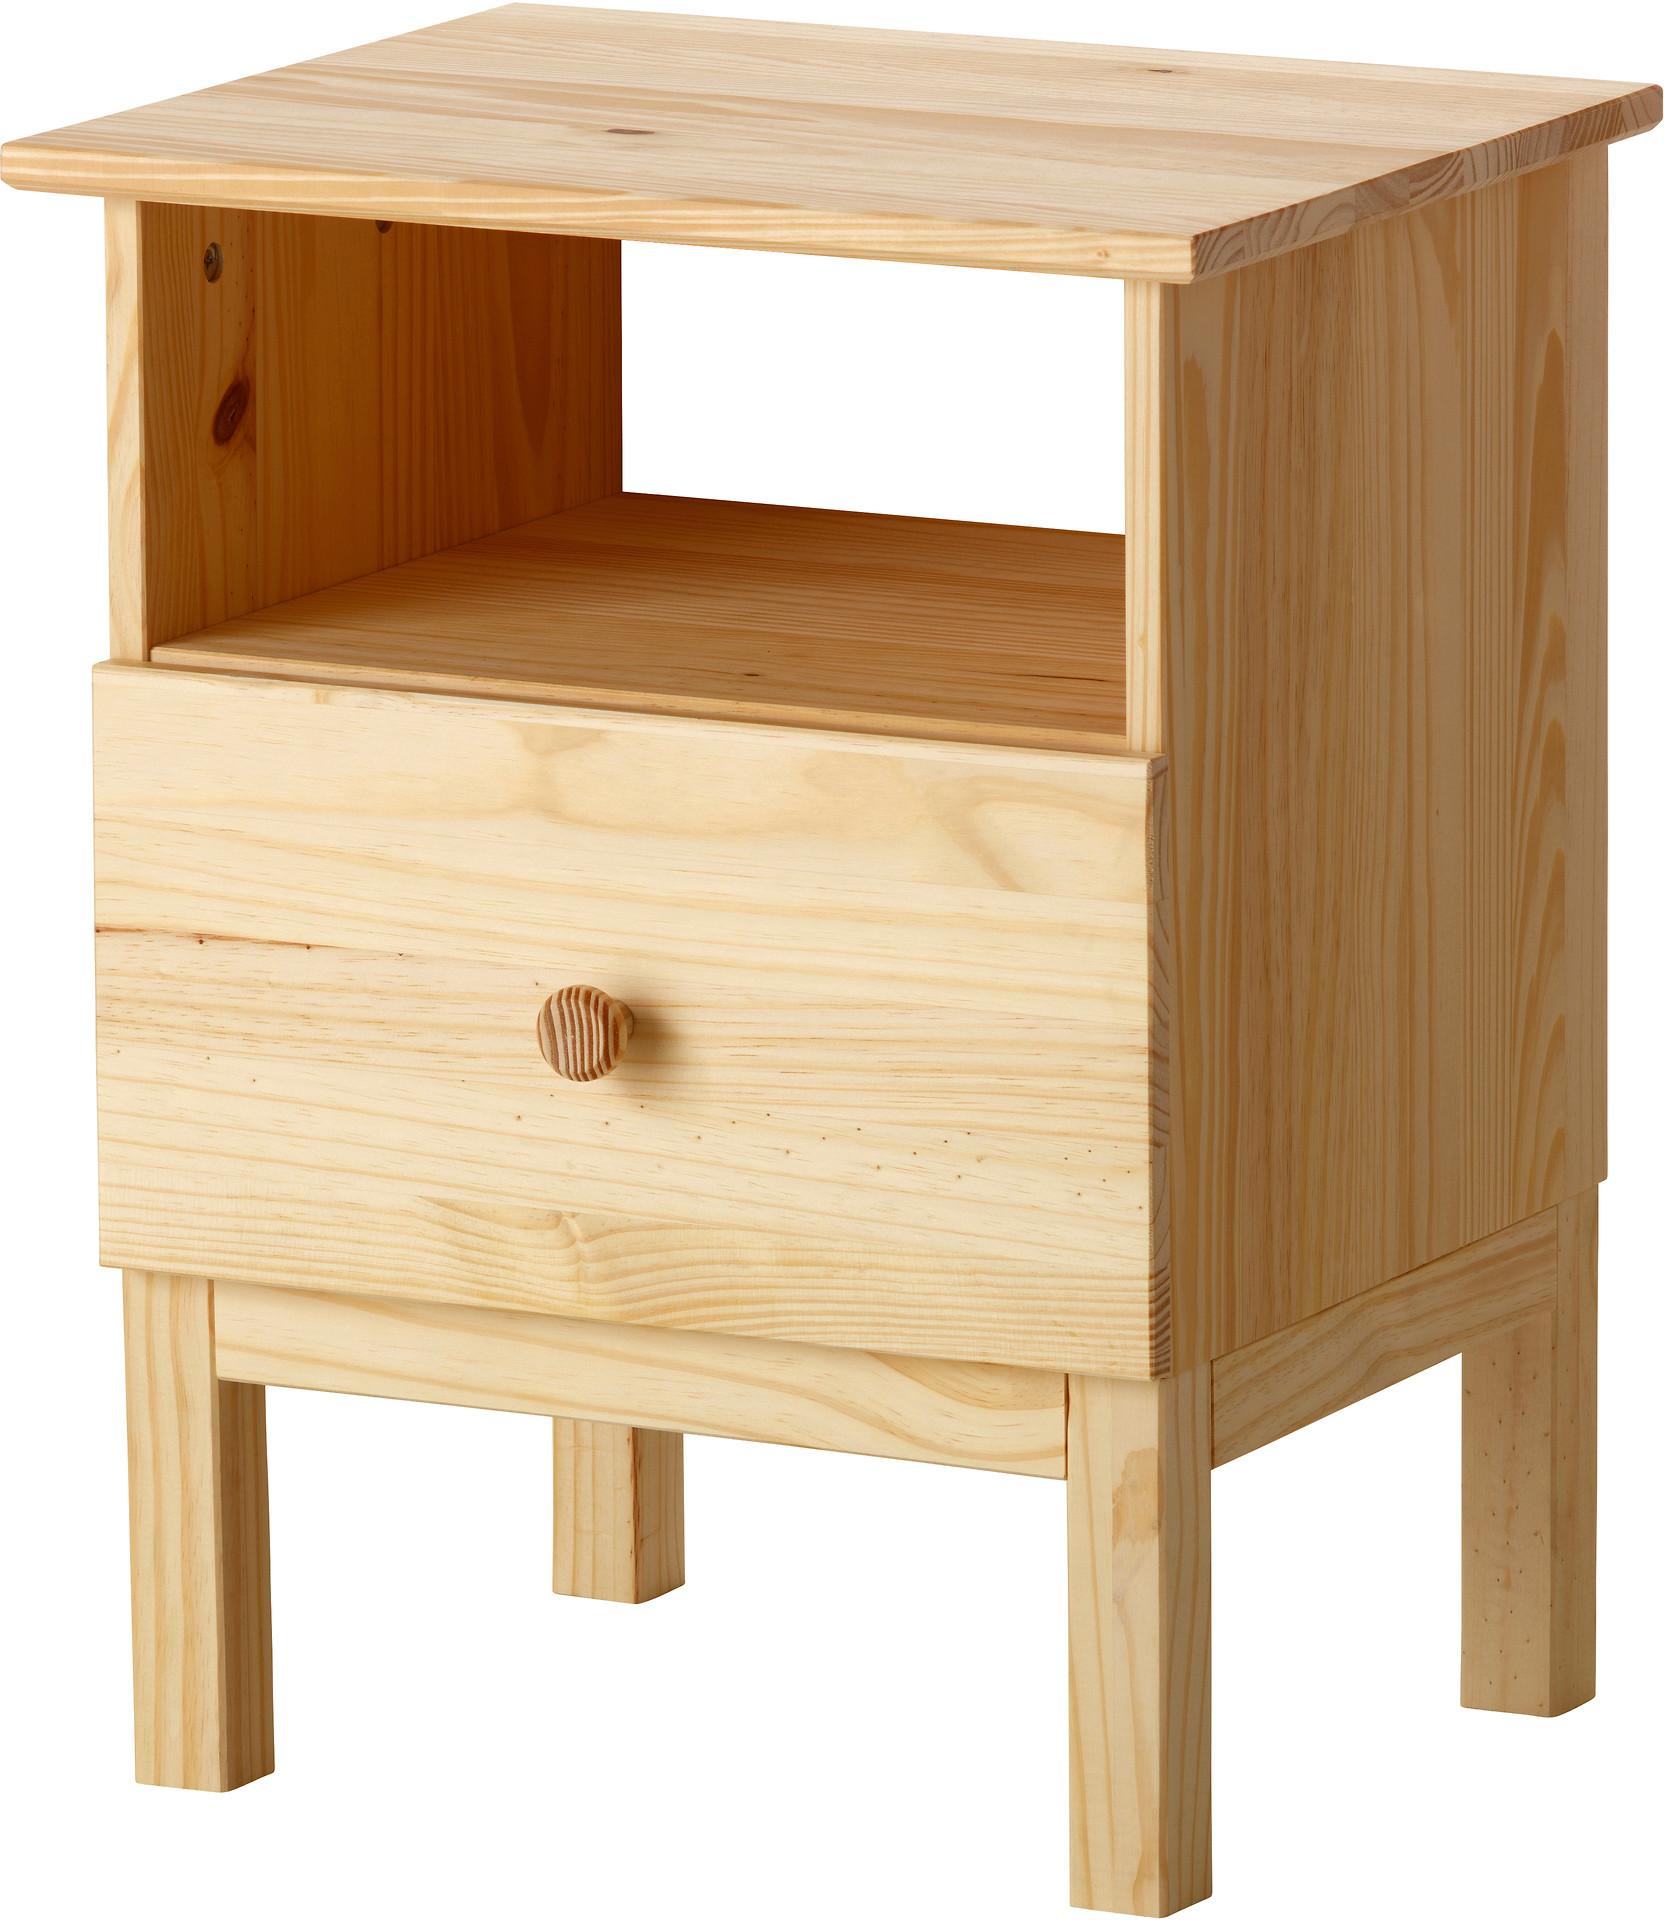 TARVA Nightstand - IKEA